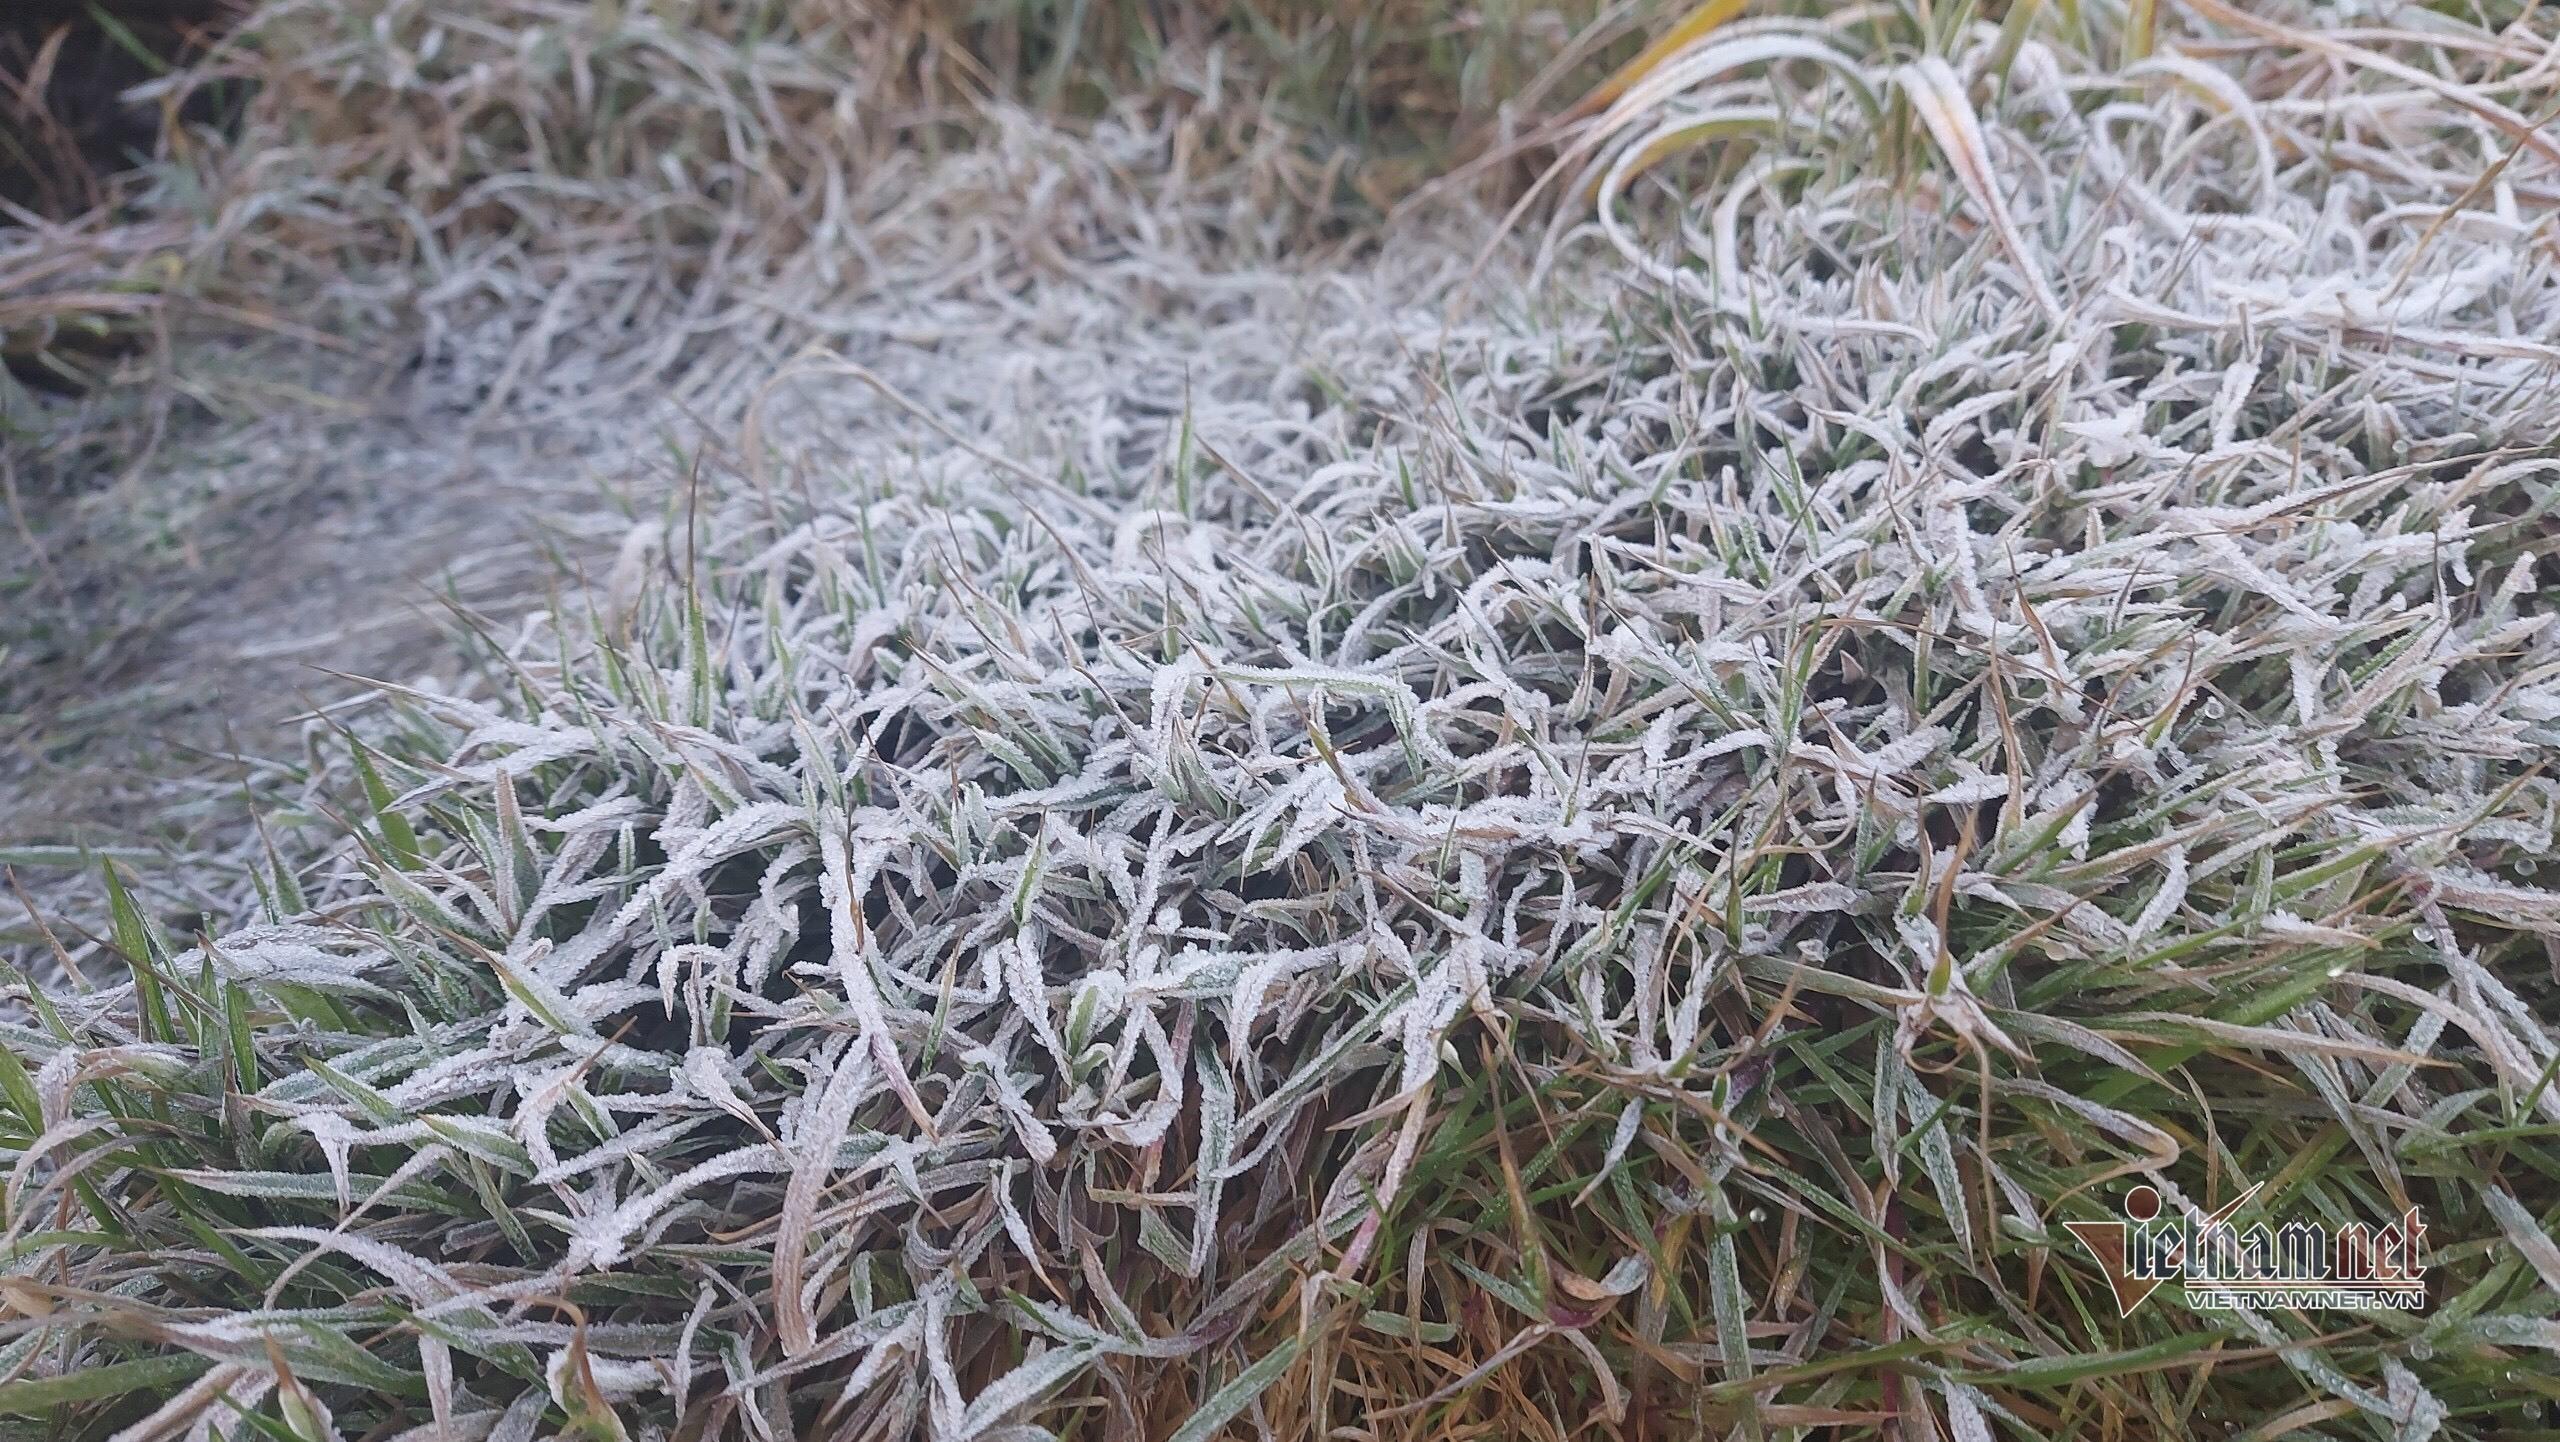 Nhiệt độ xuống dưới 0 độ C, băng tuyết phủ trắng núi rừng Fansipan